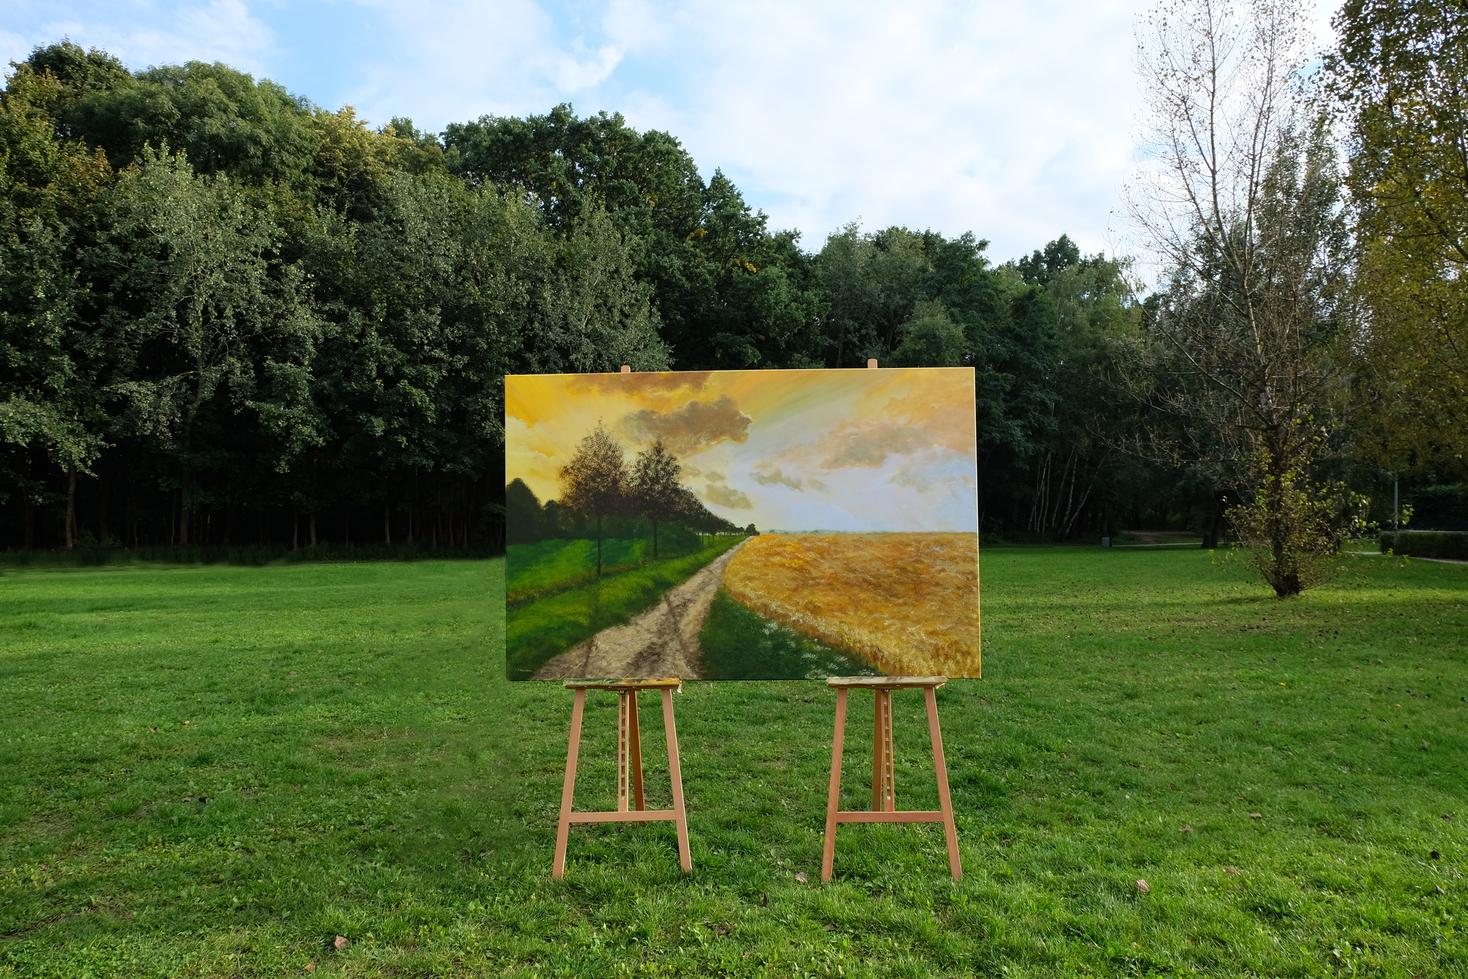 Pejzaż O zachodzie 2, obraz akrylowy na płótnie lnianym, malarstwo nowoczesne